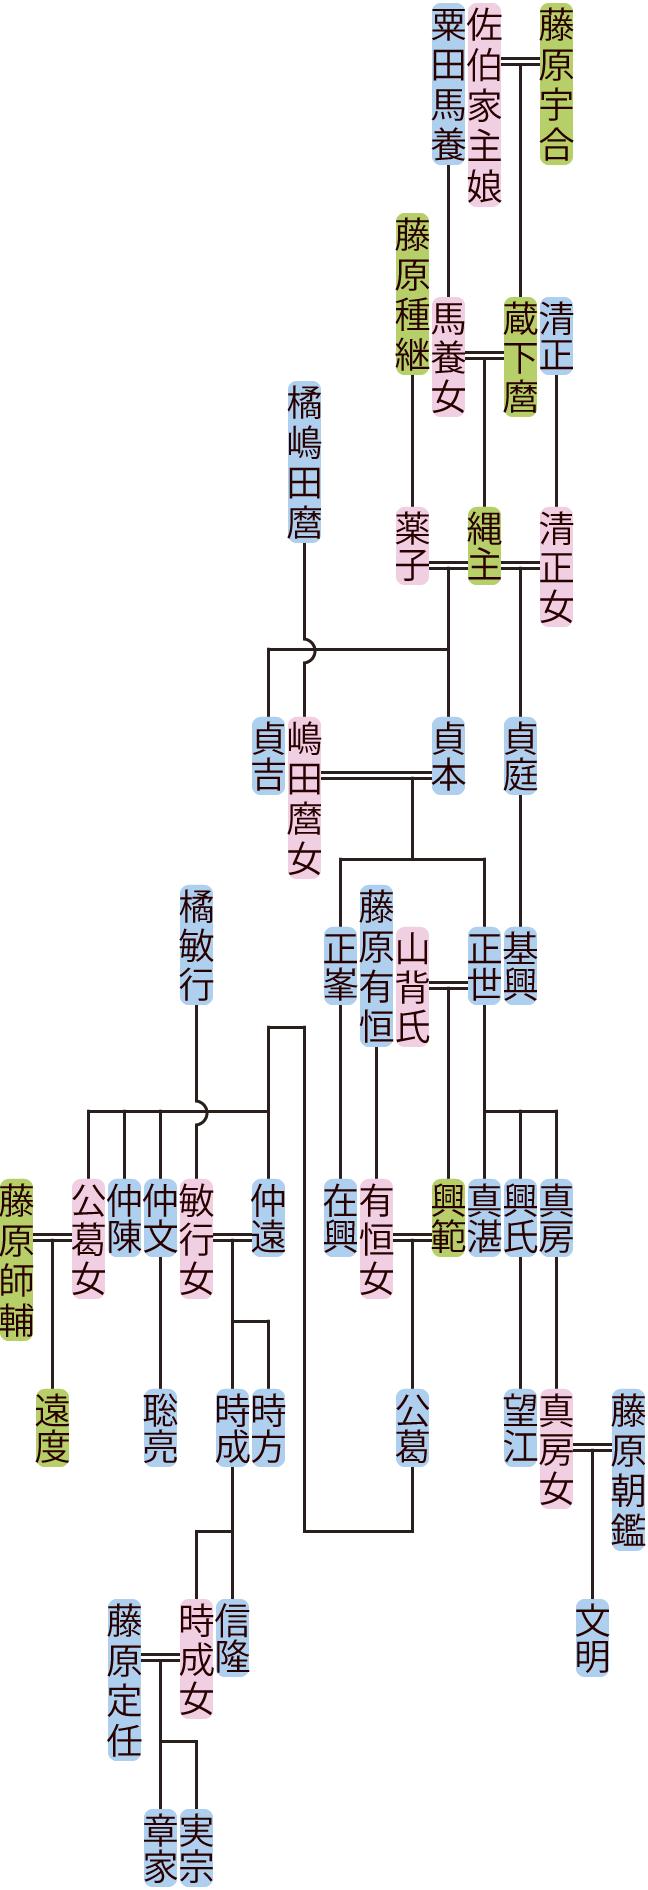 藤原縄主・貞本の系図